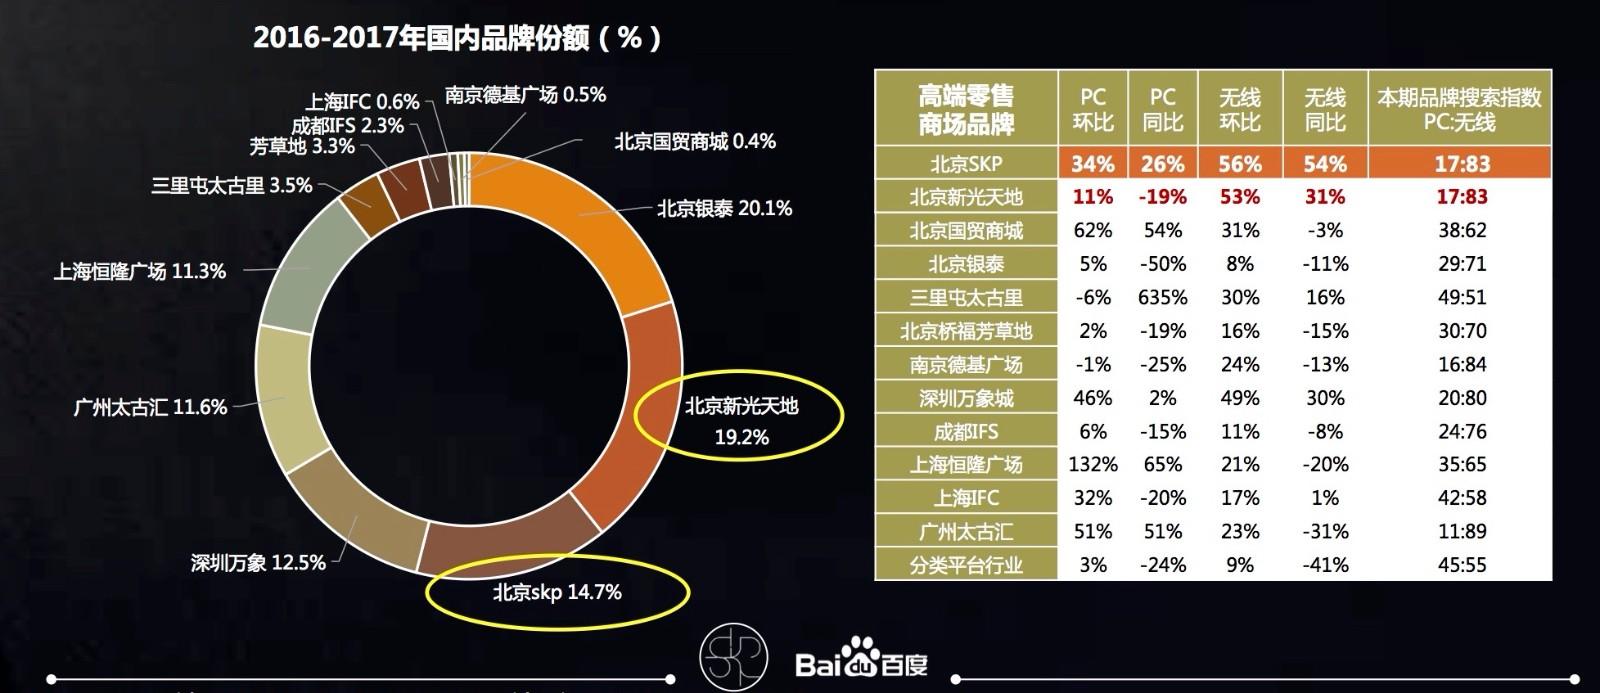 北京skp整合营销-201711.jpg